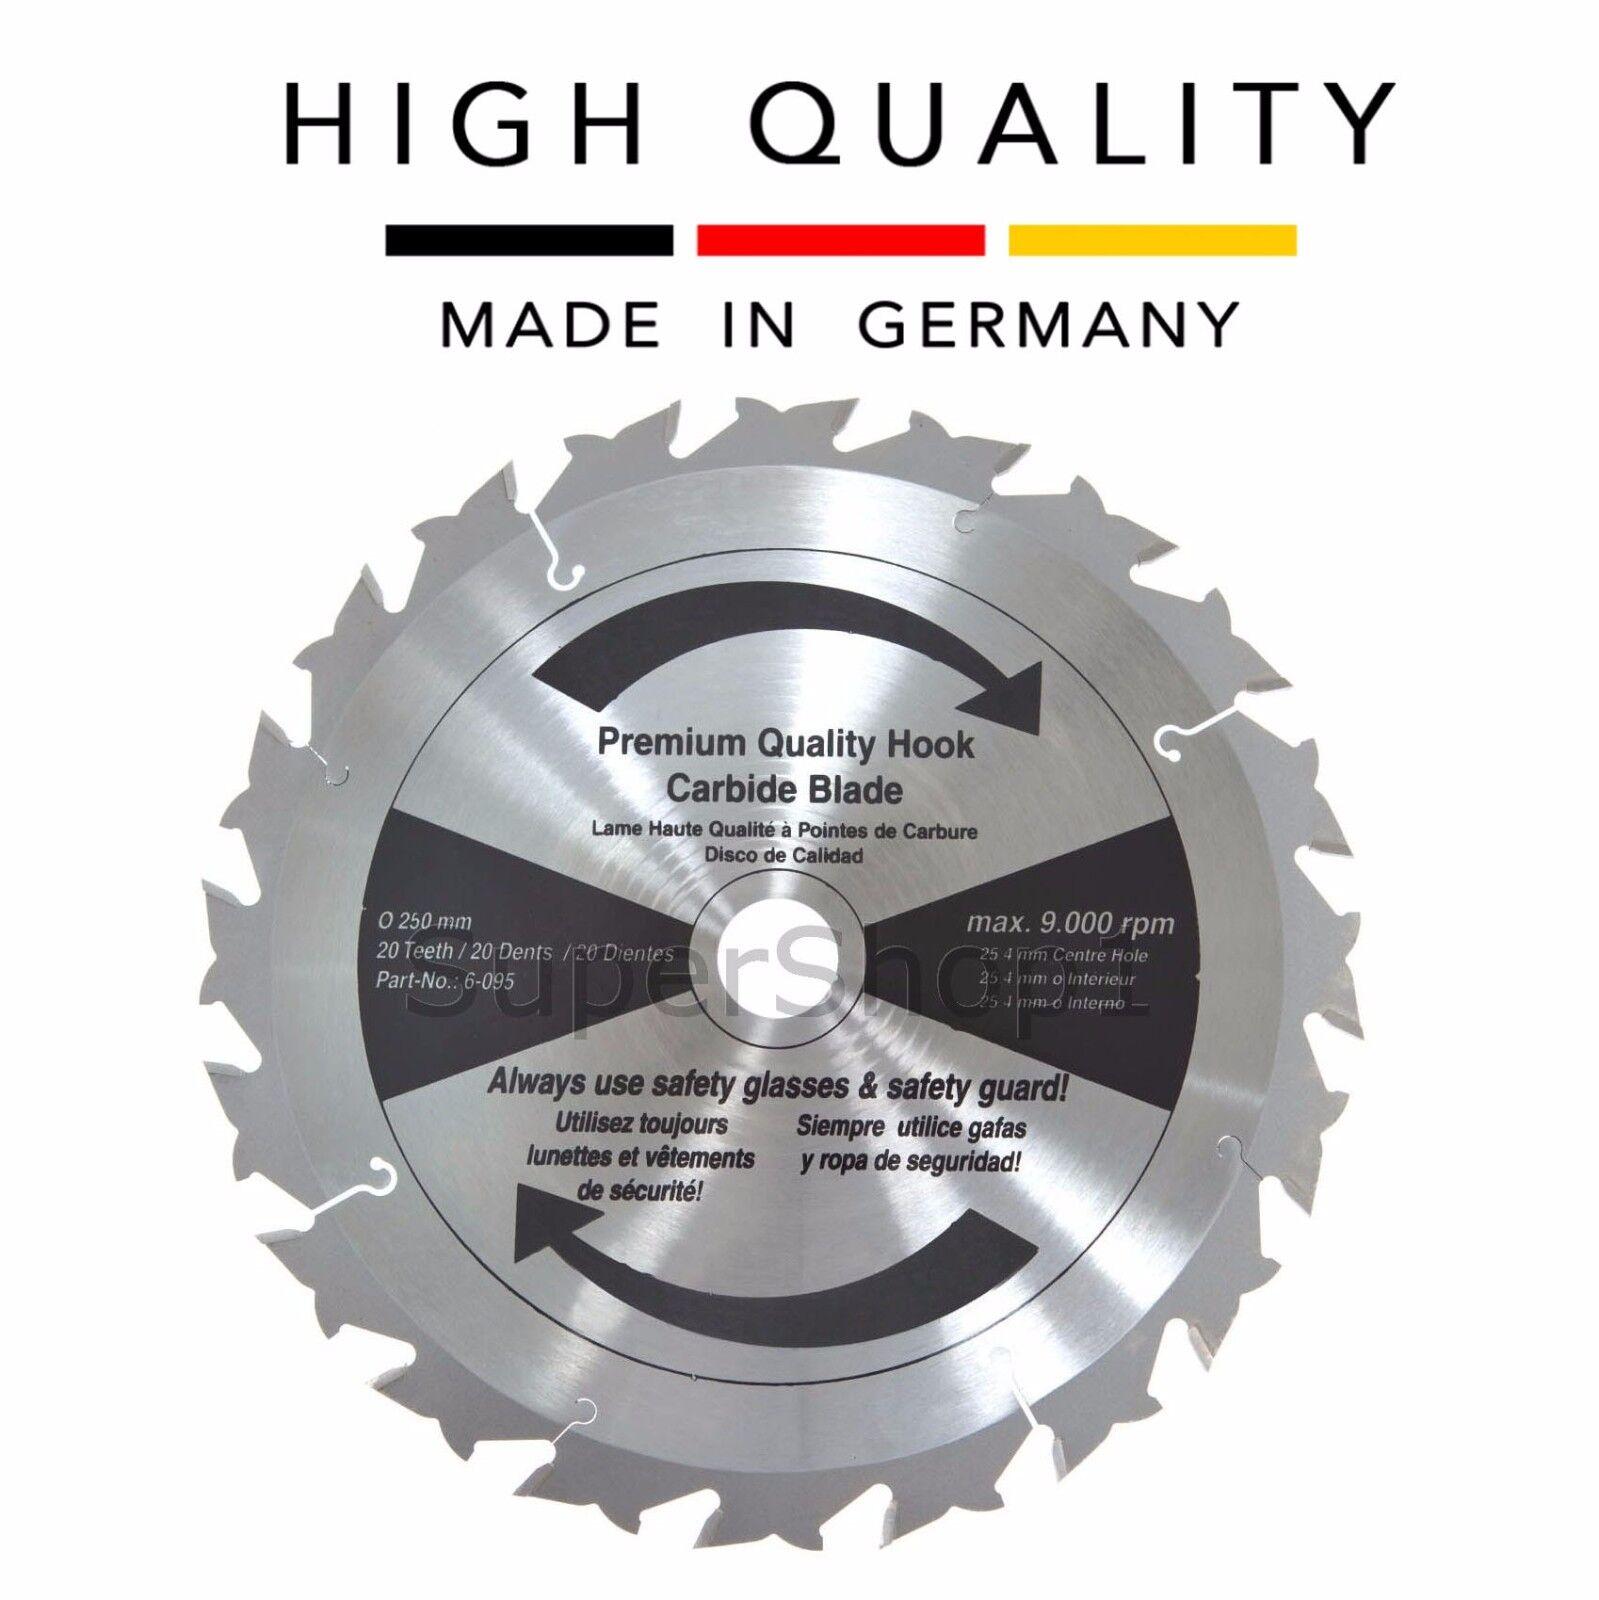 10  x recortadora de 20T brushcutterer para Stihl Echo Hoja de Cocheburo de gancho, Alemania